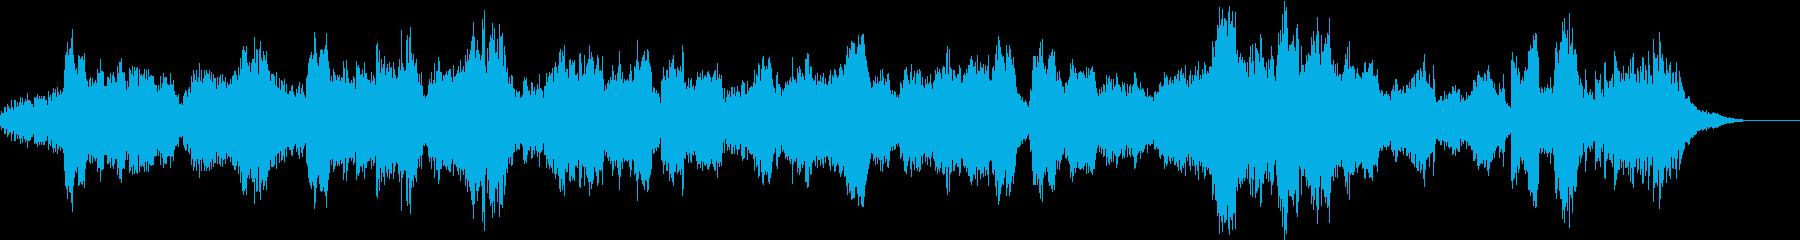 サンサーンスの白鳥_オペラ風の再生済みの波形